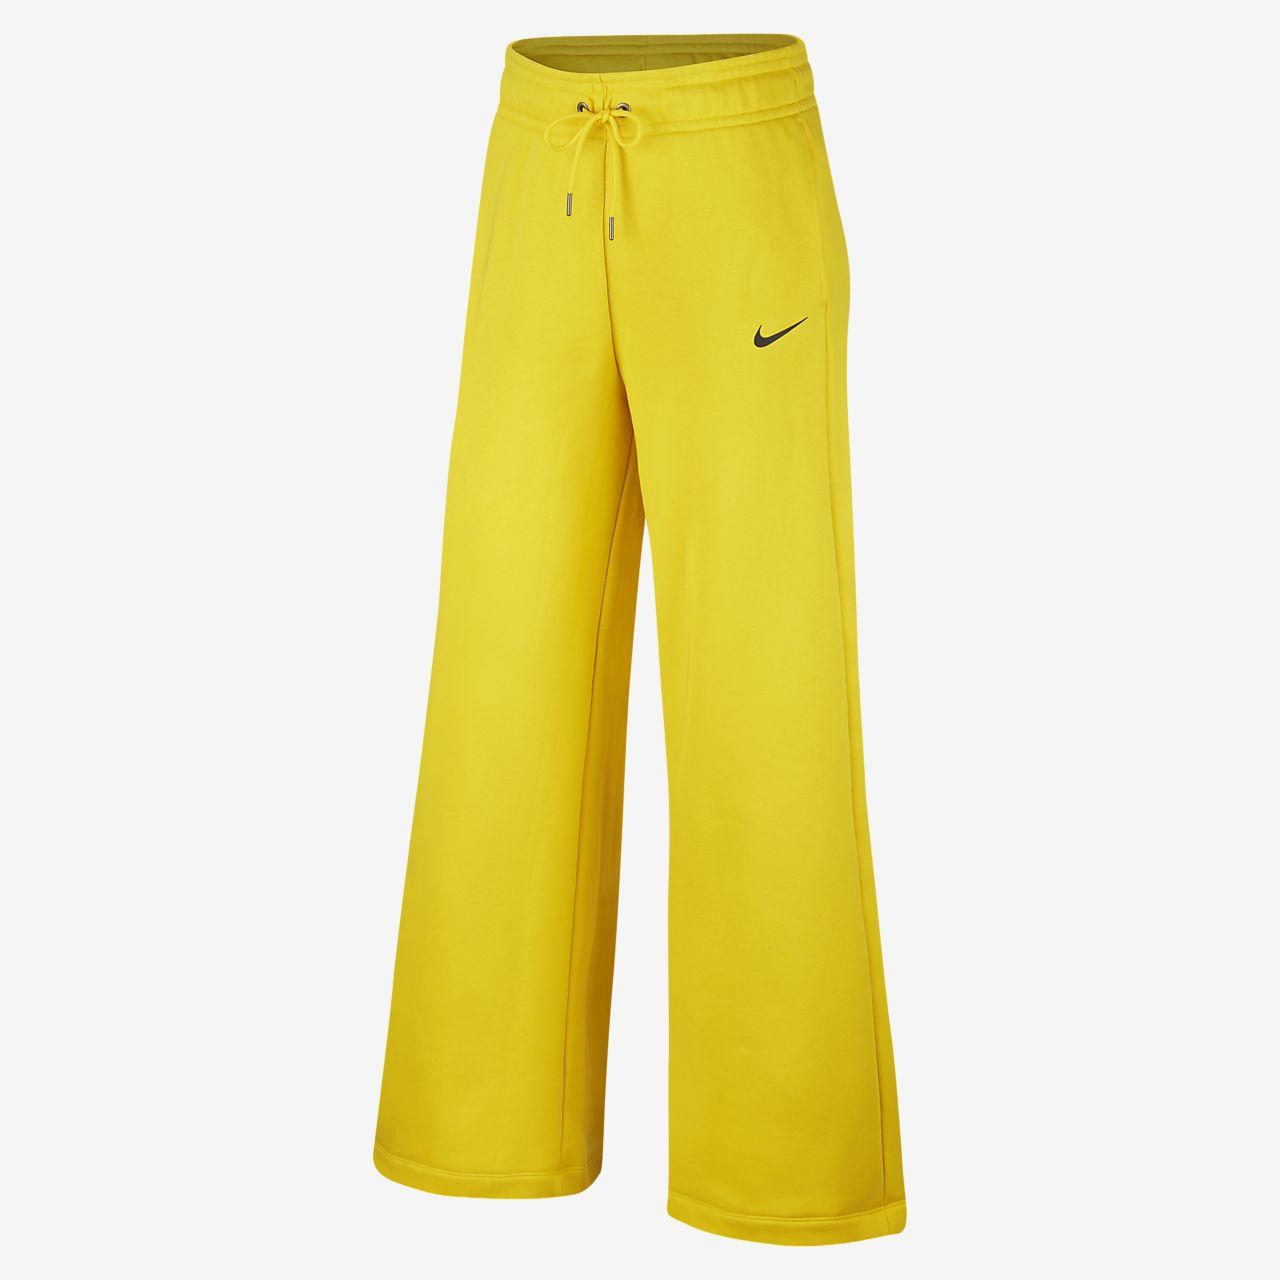 Nike Sportswear széles szárú női nadrág